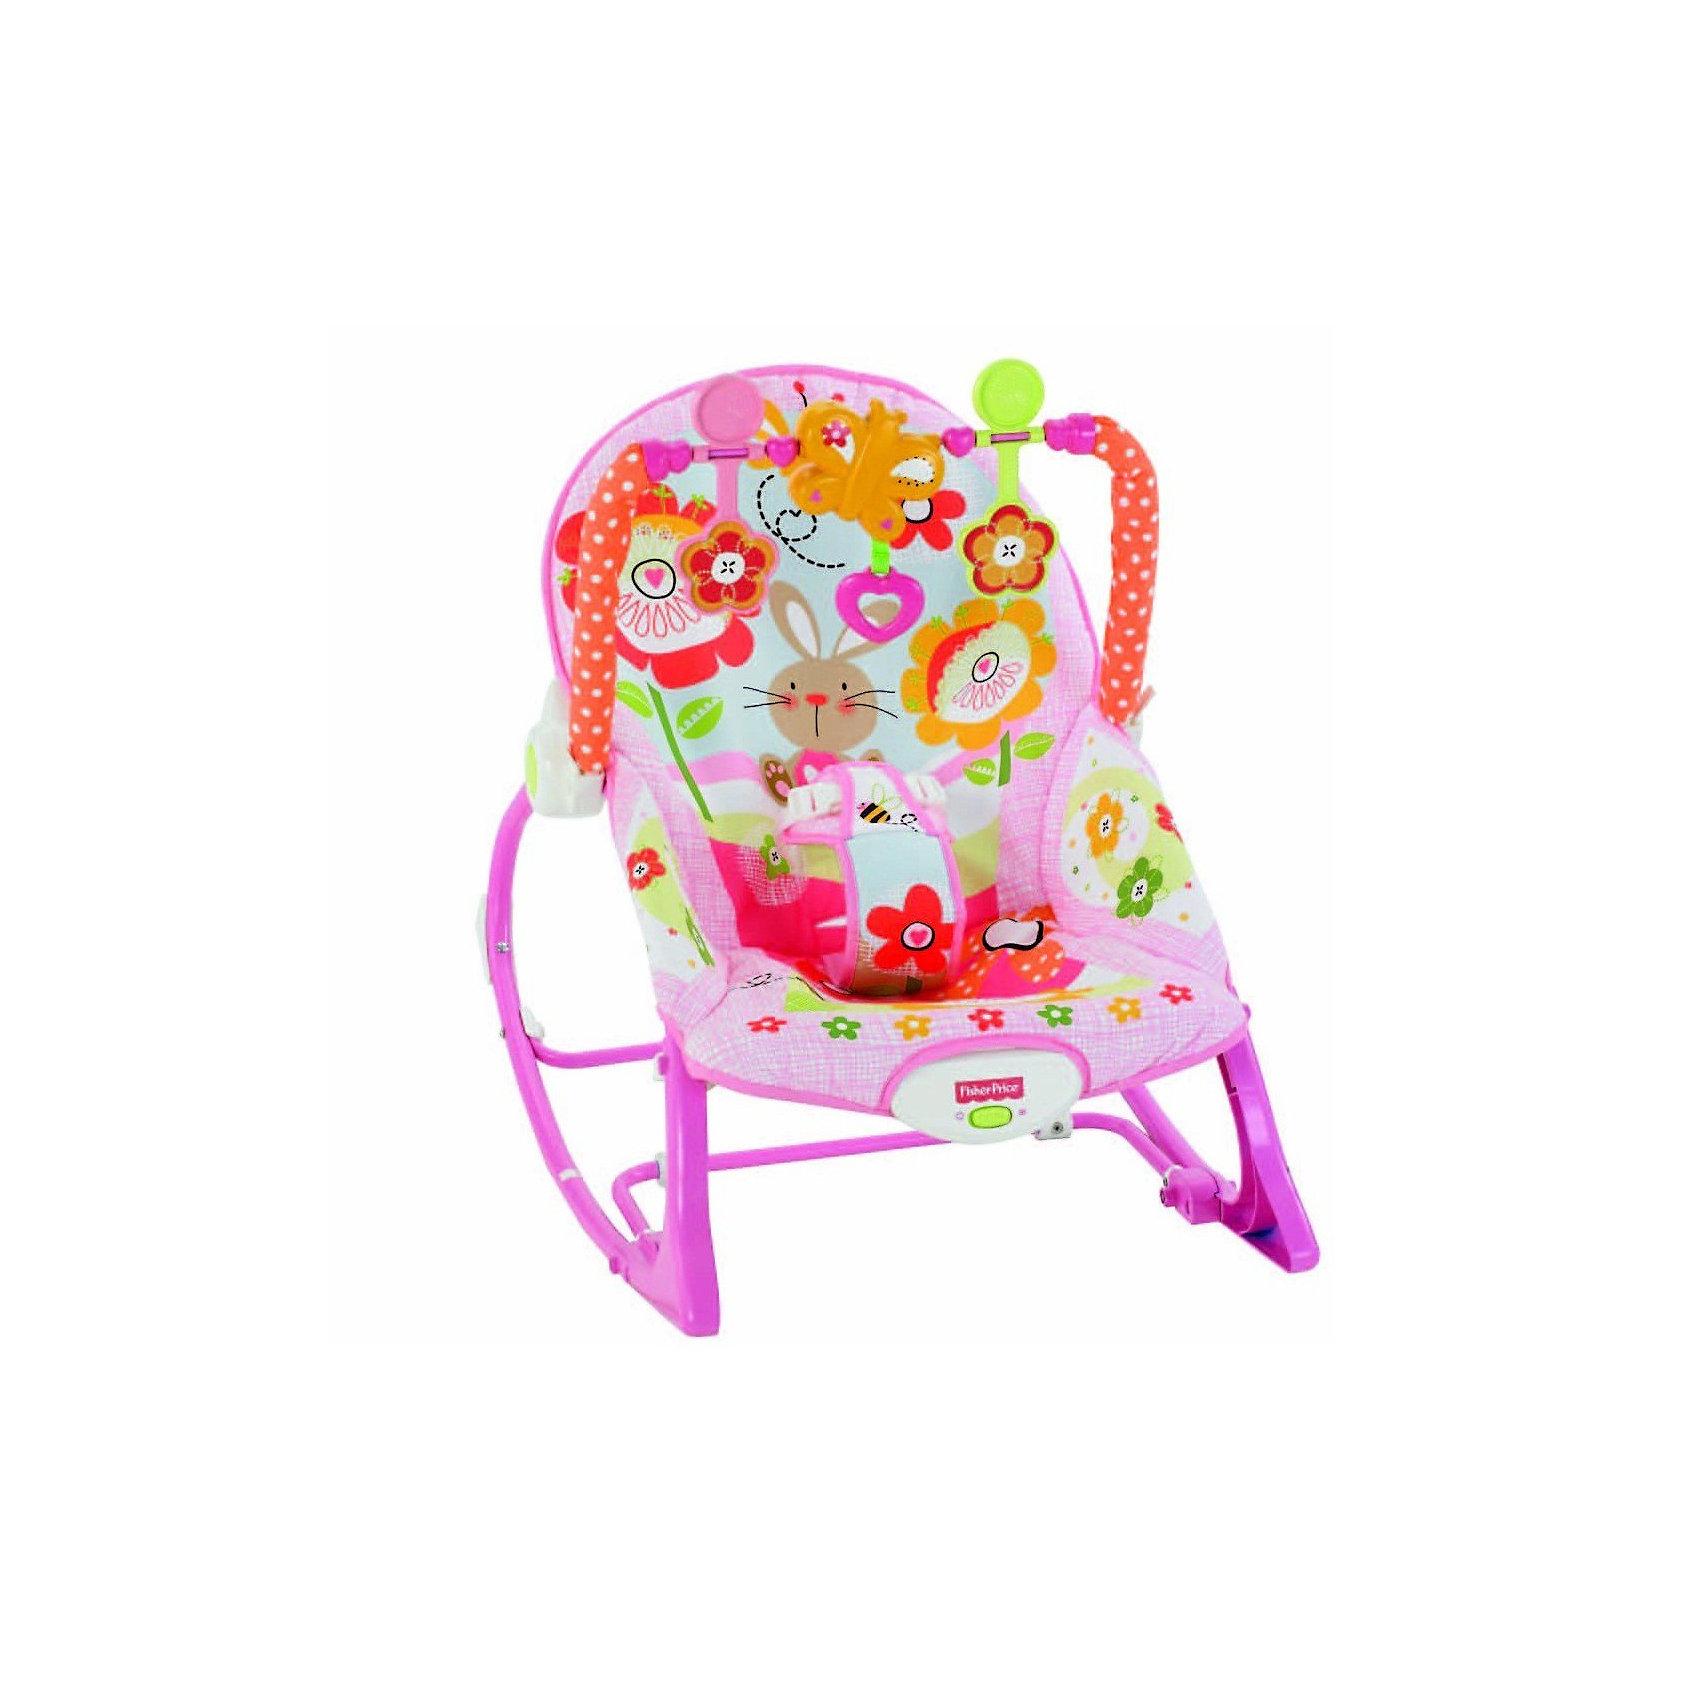 Mattel Кресло-качалка для девочек Растем вместе, Fisher-Price fisher price fisher розовый кролик многофункциональный портативный качалка drd28